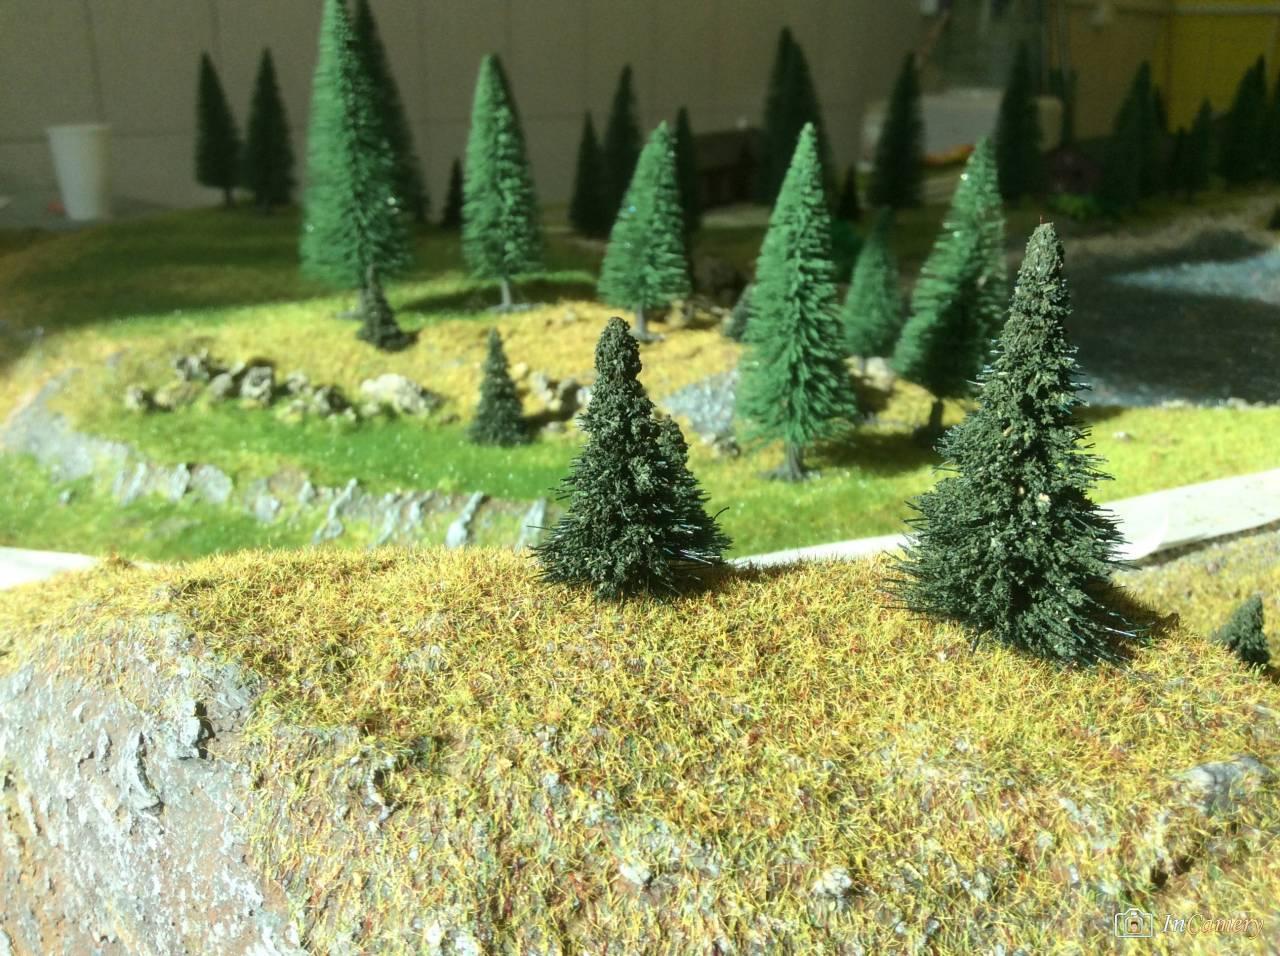 #елка на #макете #трава #камни photo Vadim